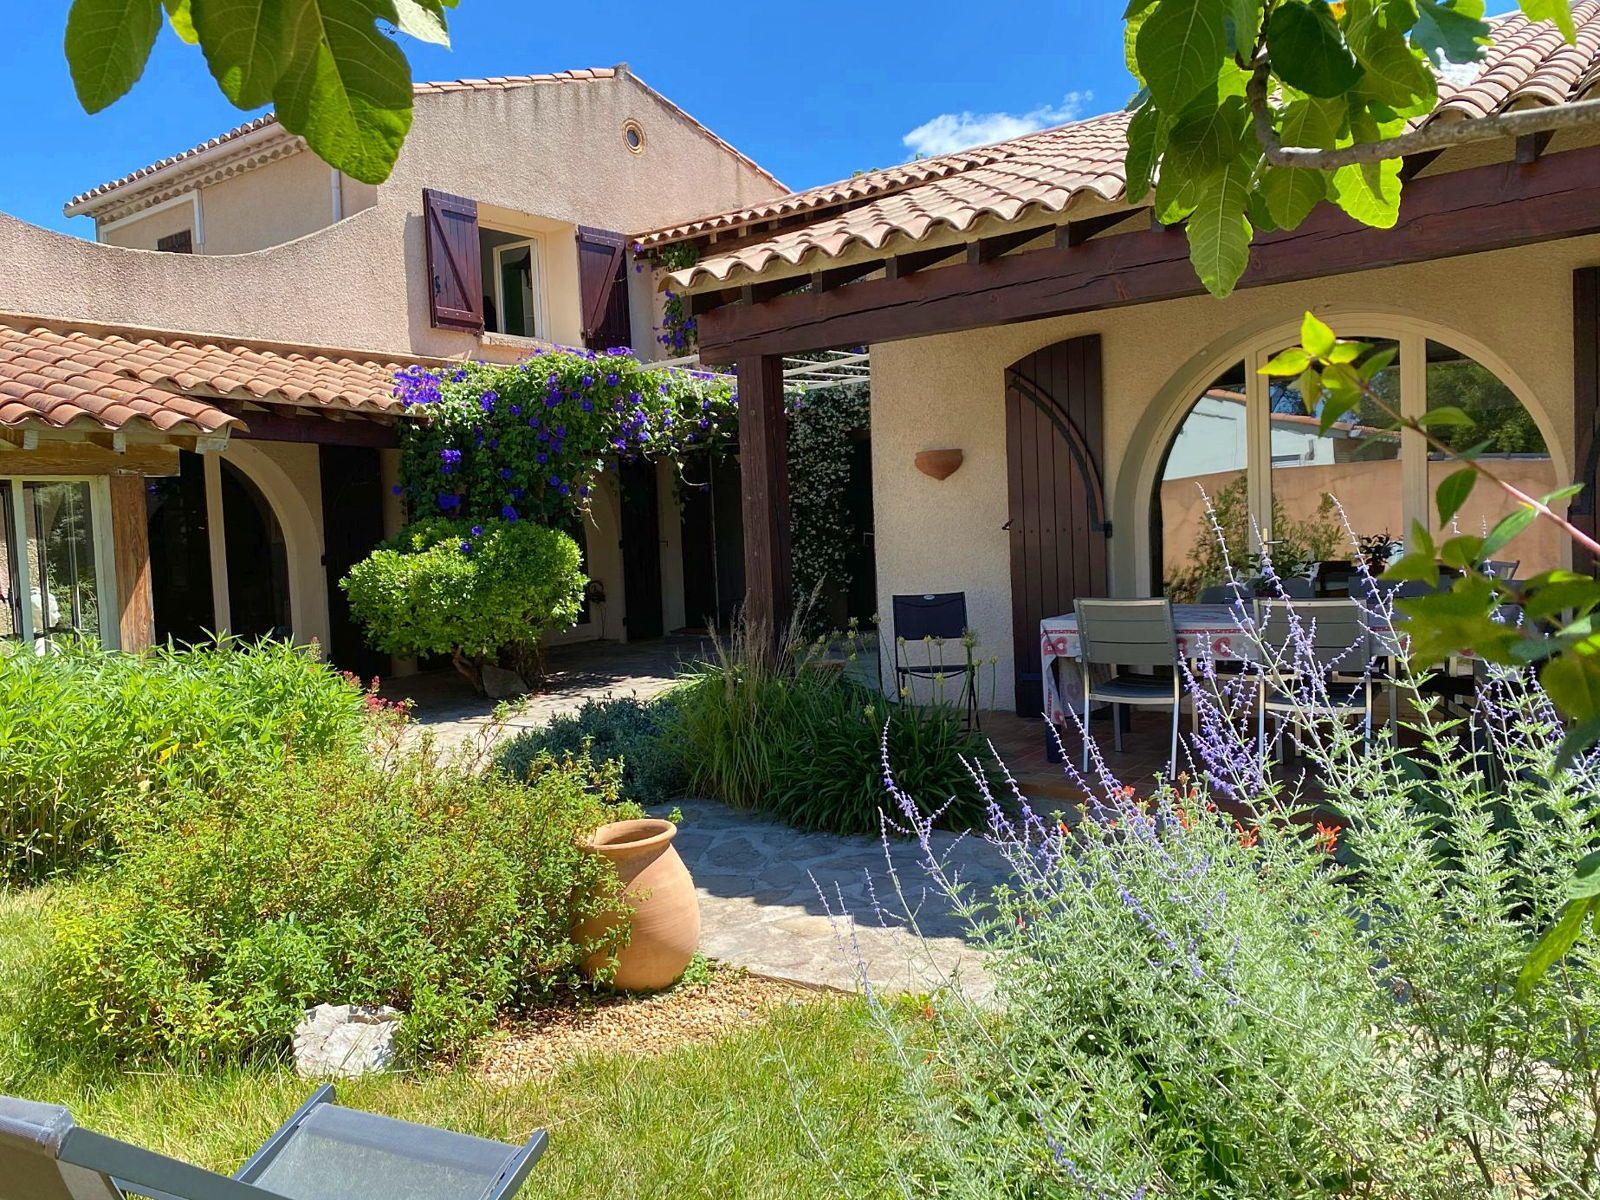 Loue maison spacieuse Montpellier Castelnau le Lez proche mer et ville - 8couchages